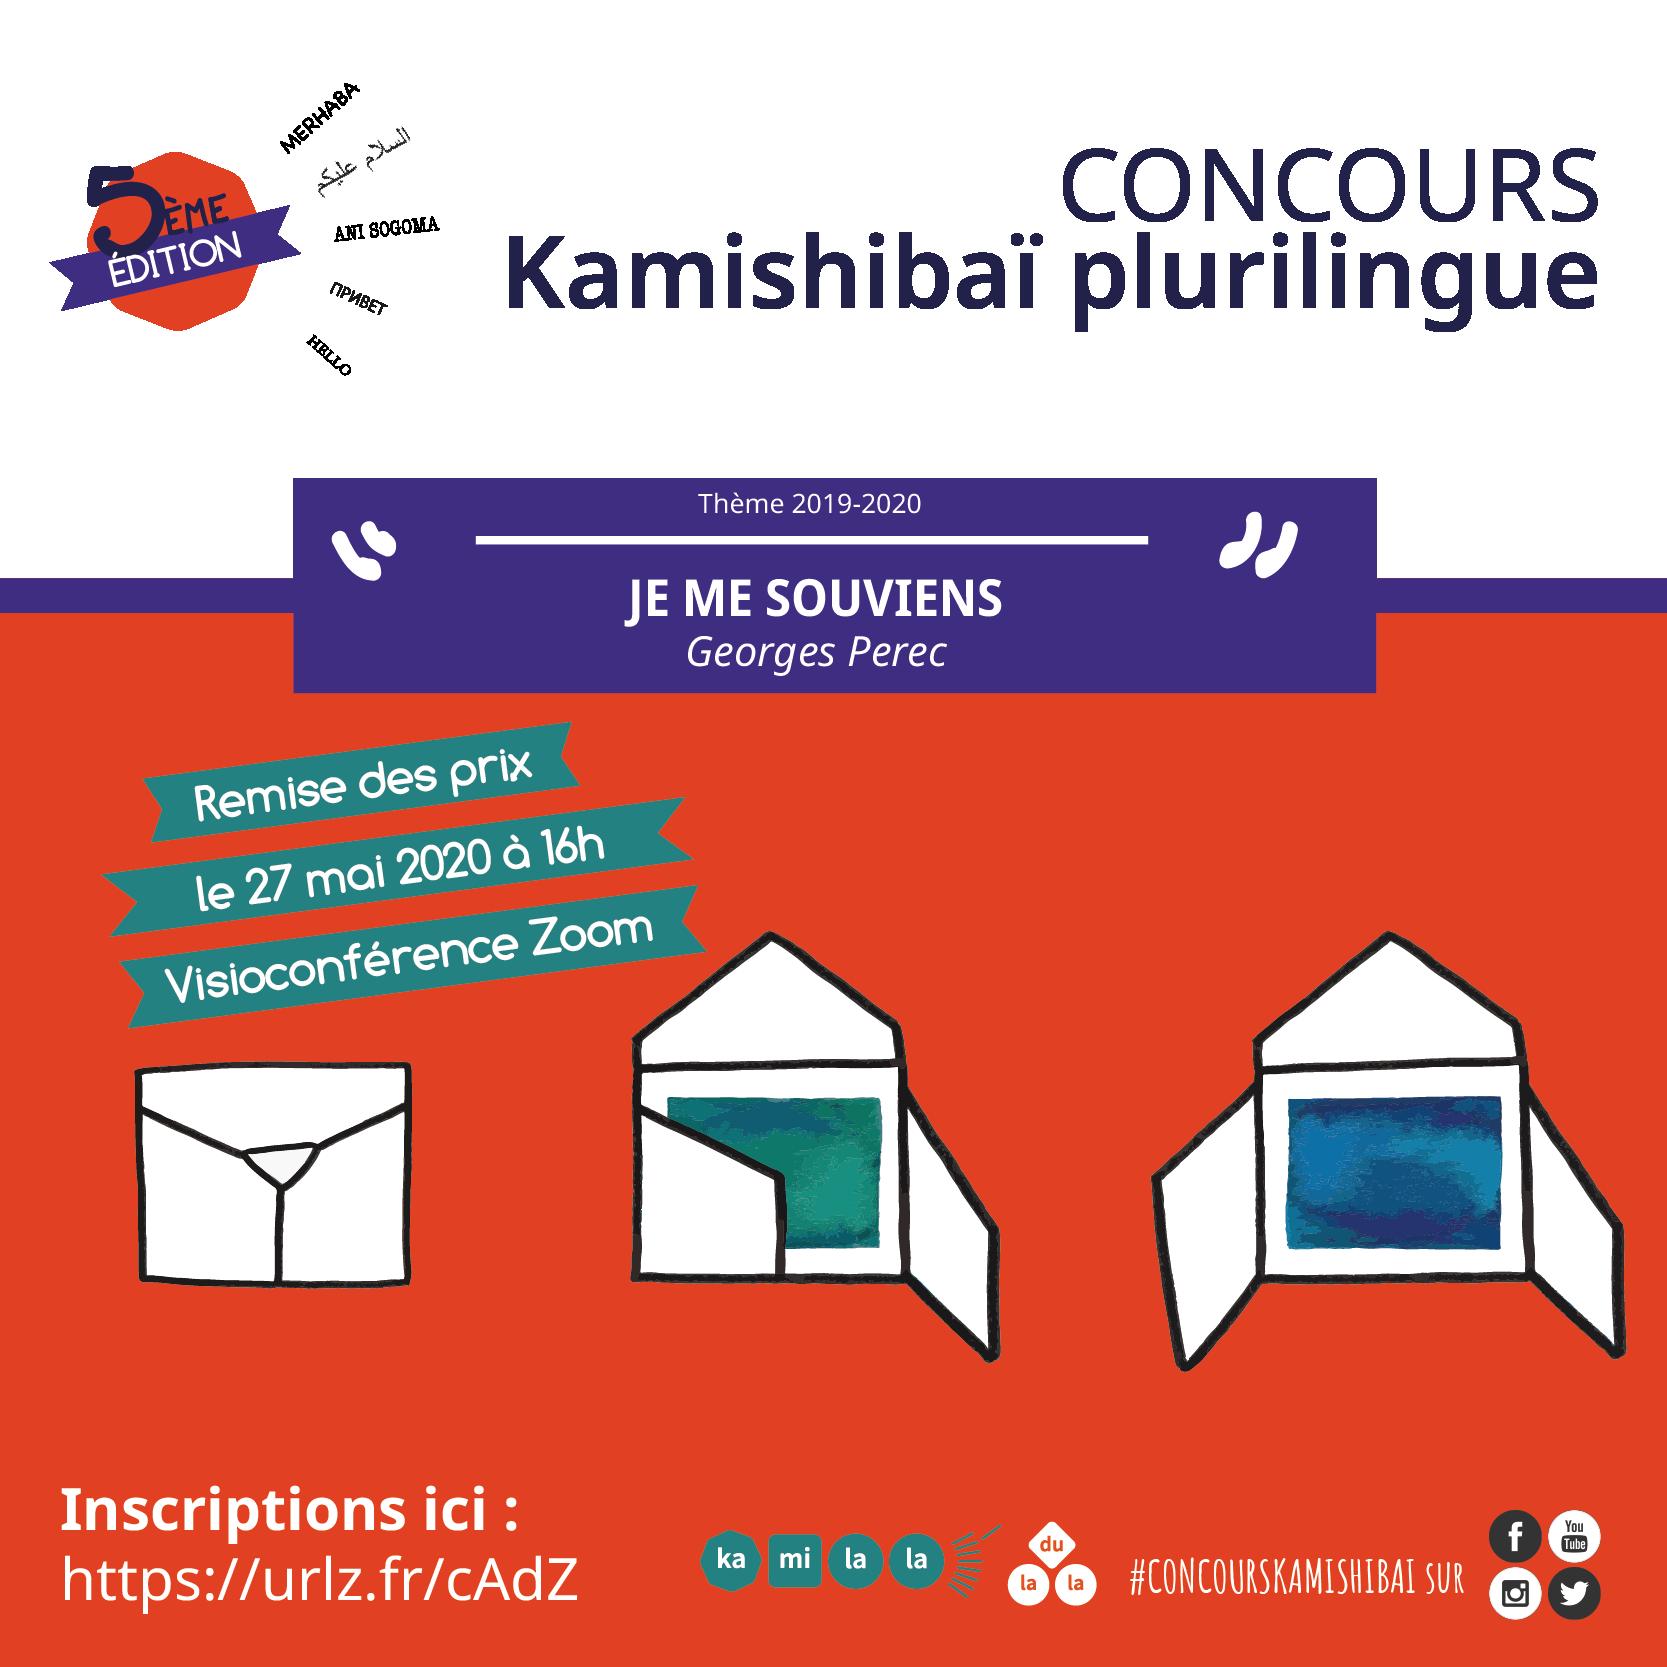 Remise des prix Concours Kamishibaï plurilingue 2020